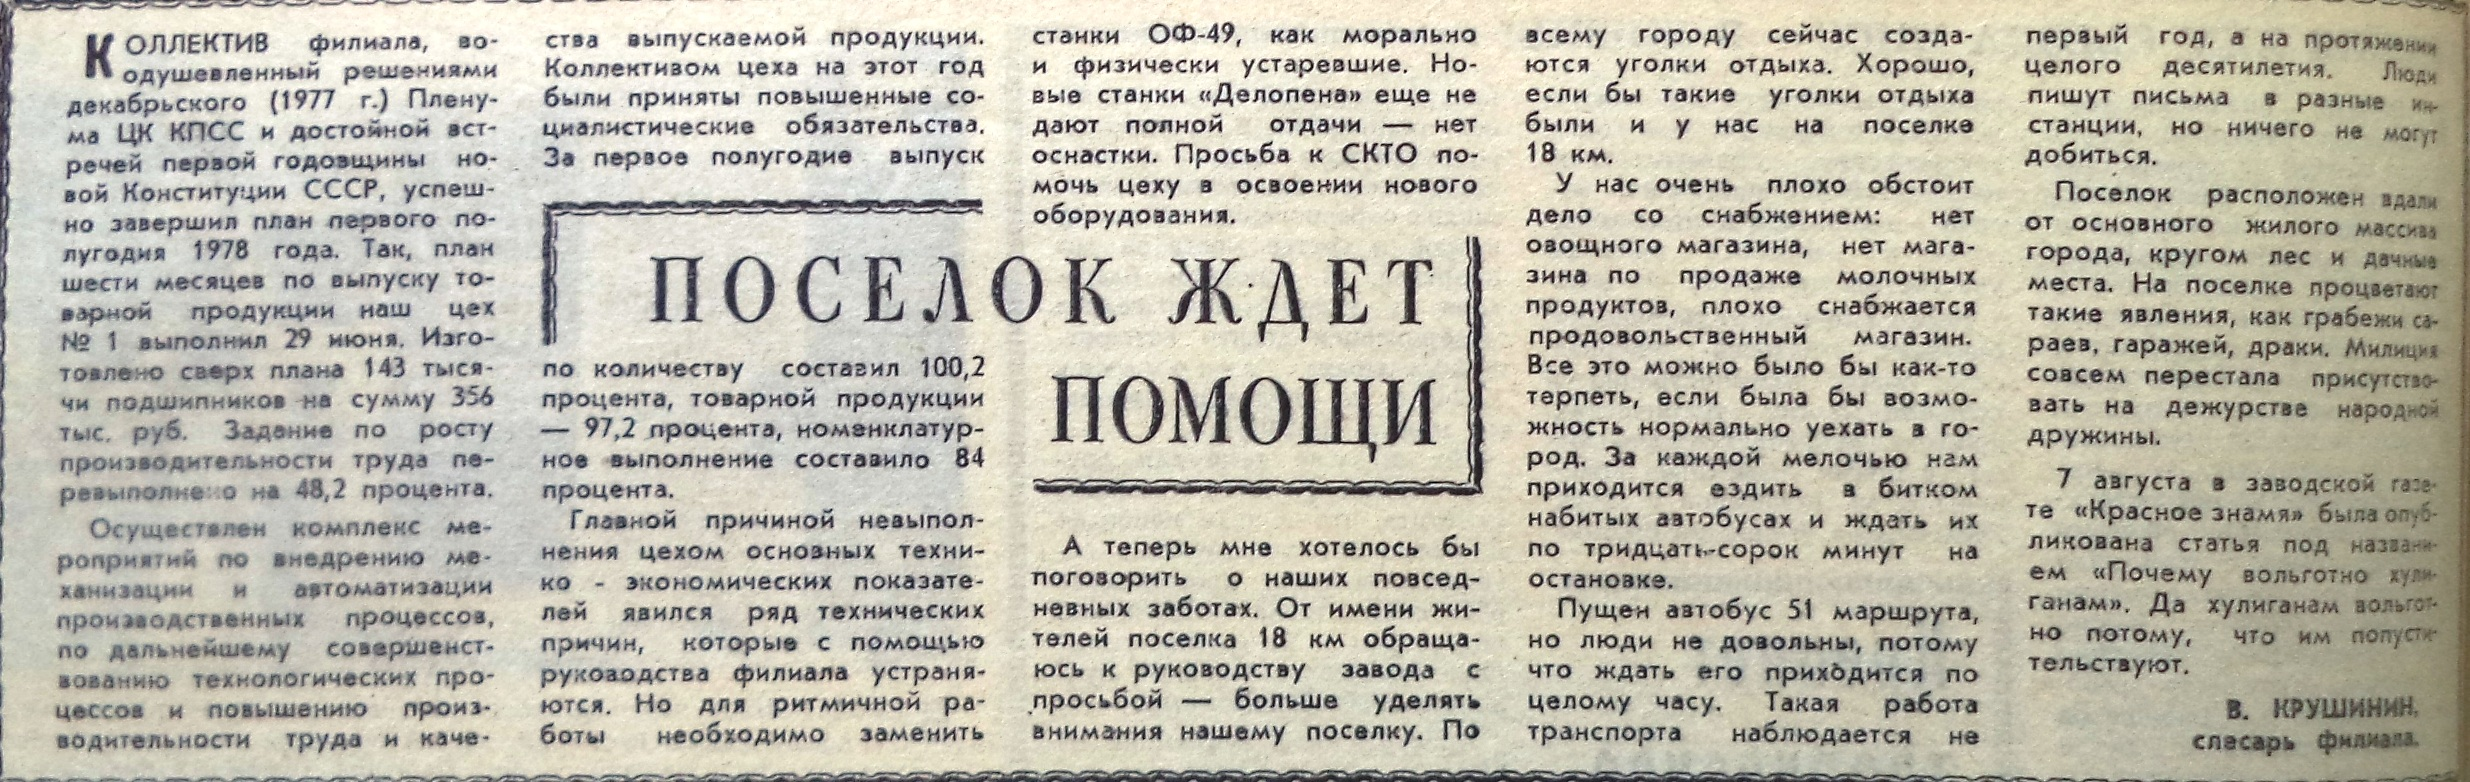 Московское-ФОТО-16-Красное Знамя-1978-31 августа